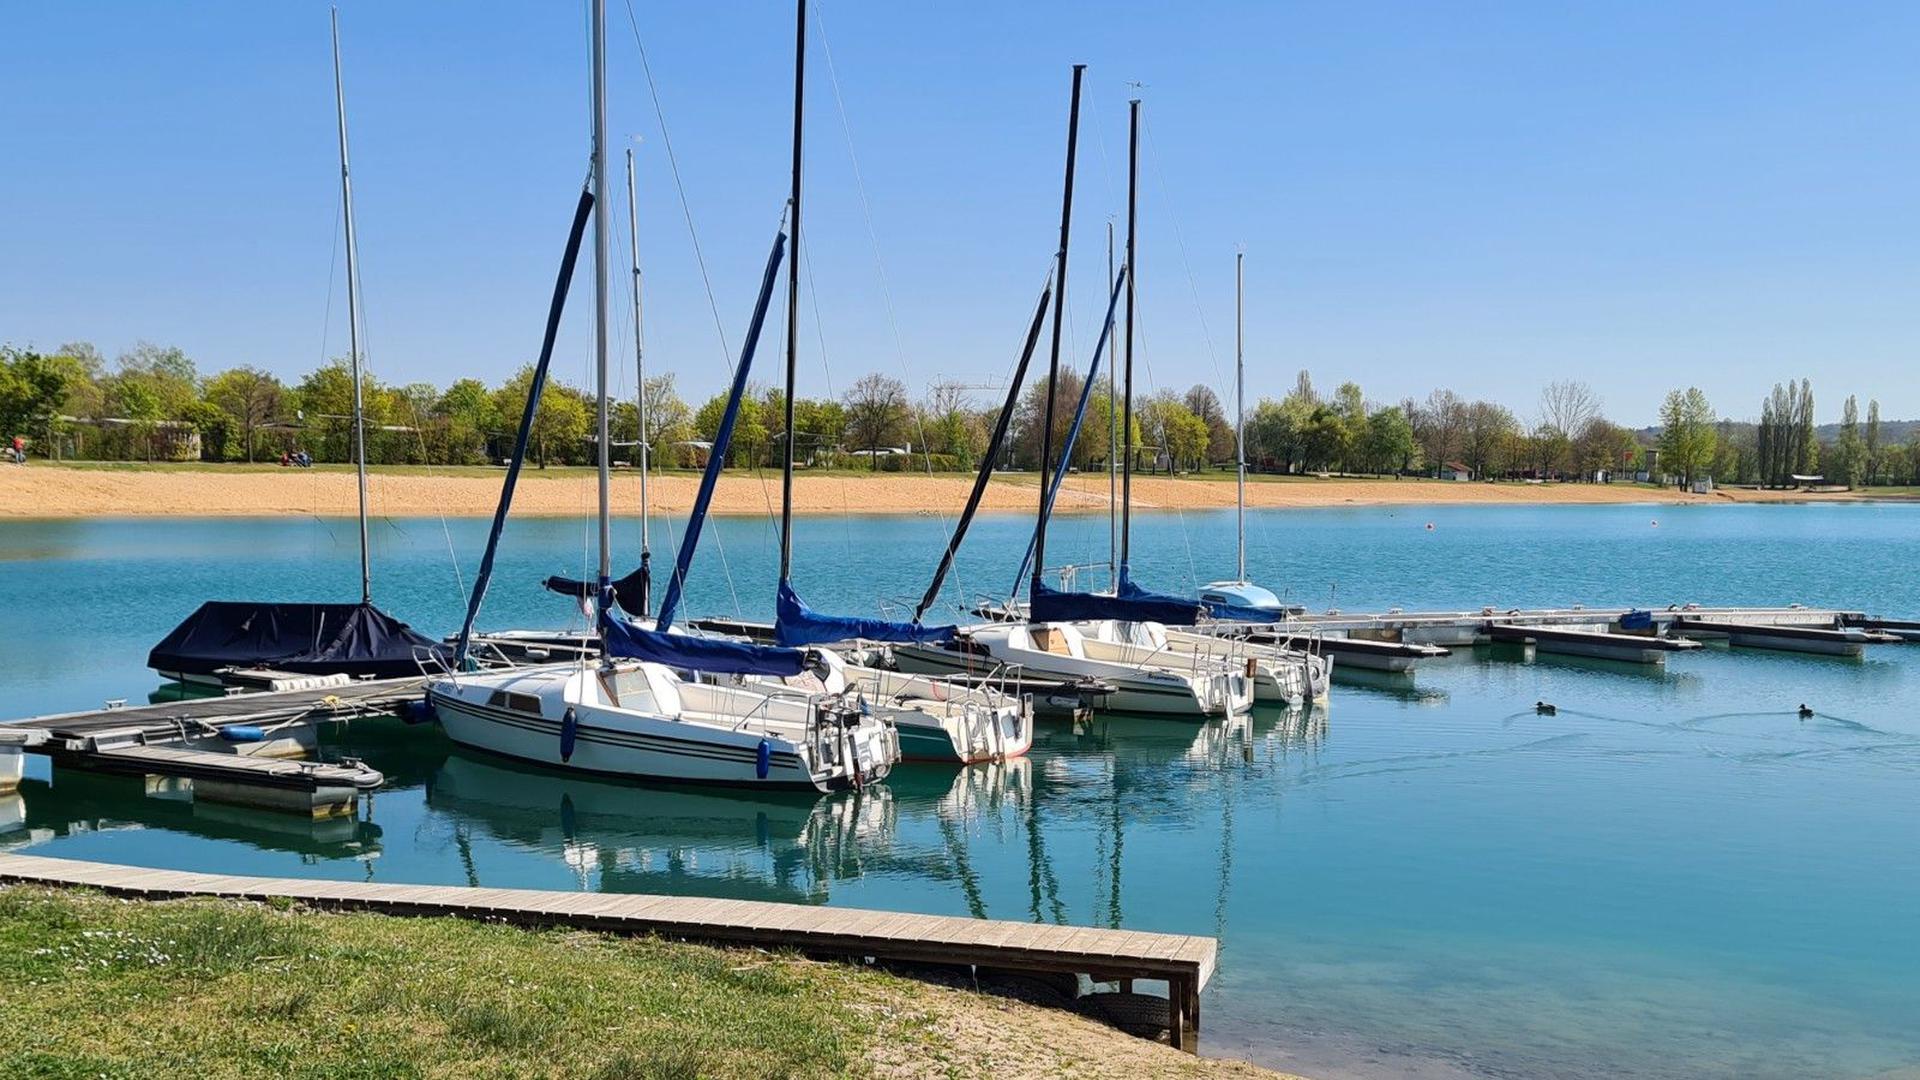 Segelboote sind an einem Steg im Hardtsee festgemacht.